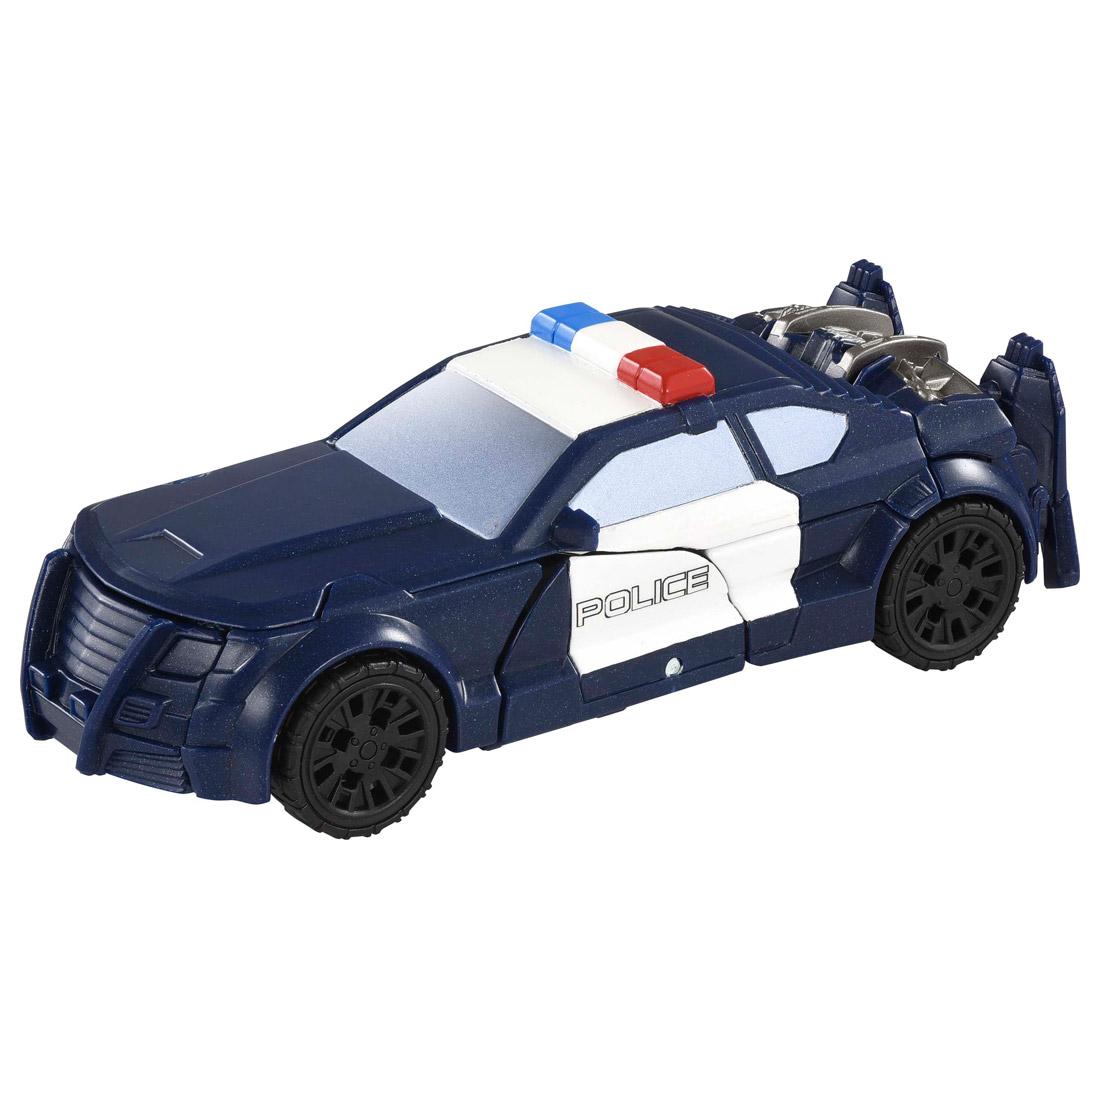 トランスフォーマー ターボチェンジ『TC-15 ディセプティコン バリケード』可変可動フィギュア-002